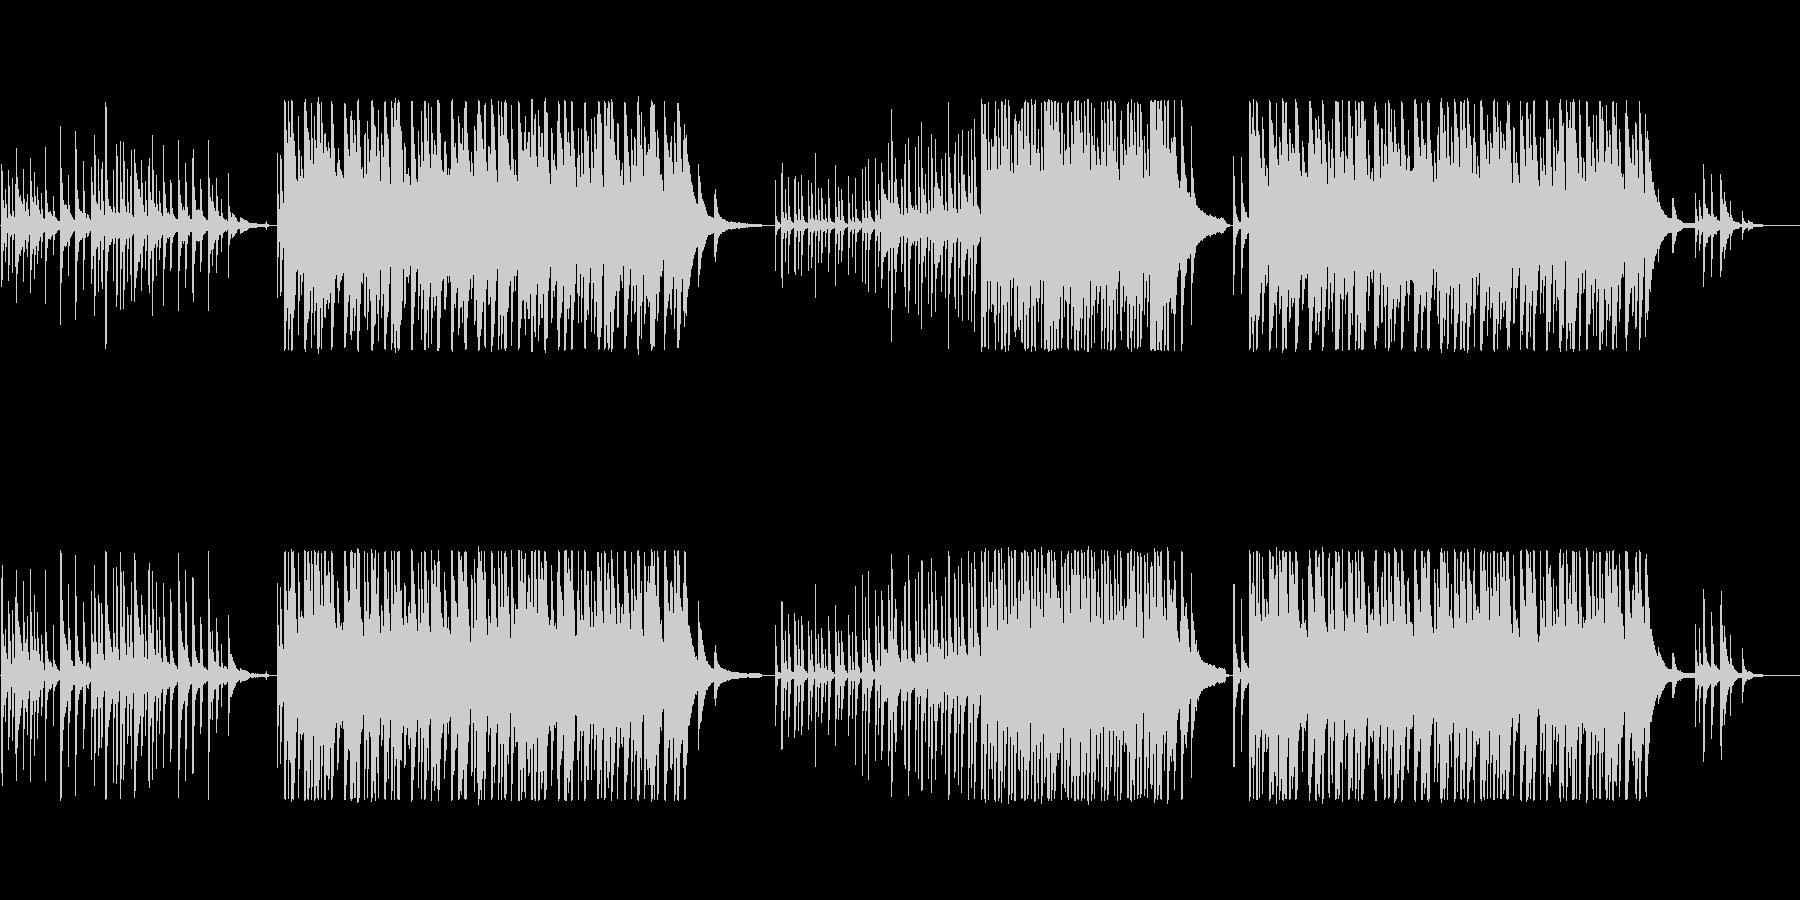 切ない抒情的なピアノソロの未再生の波形